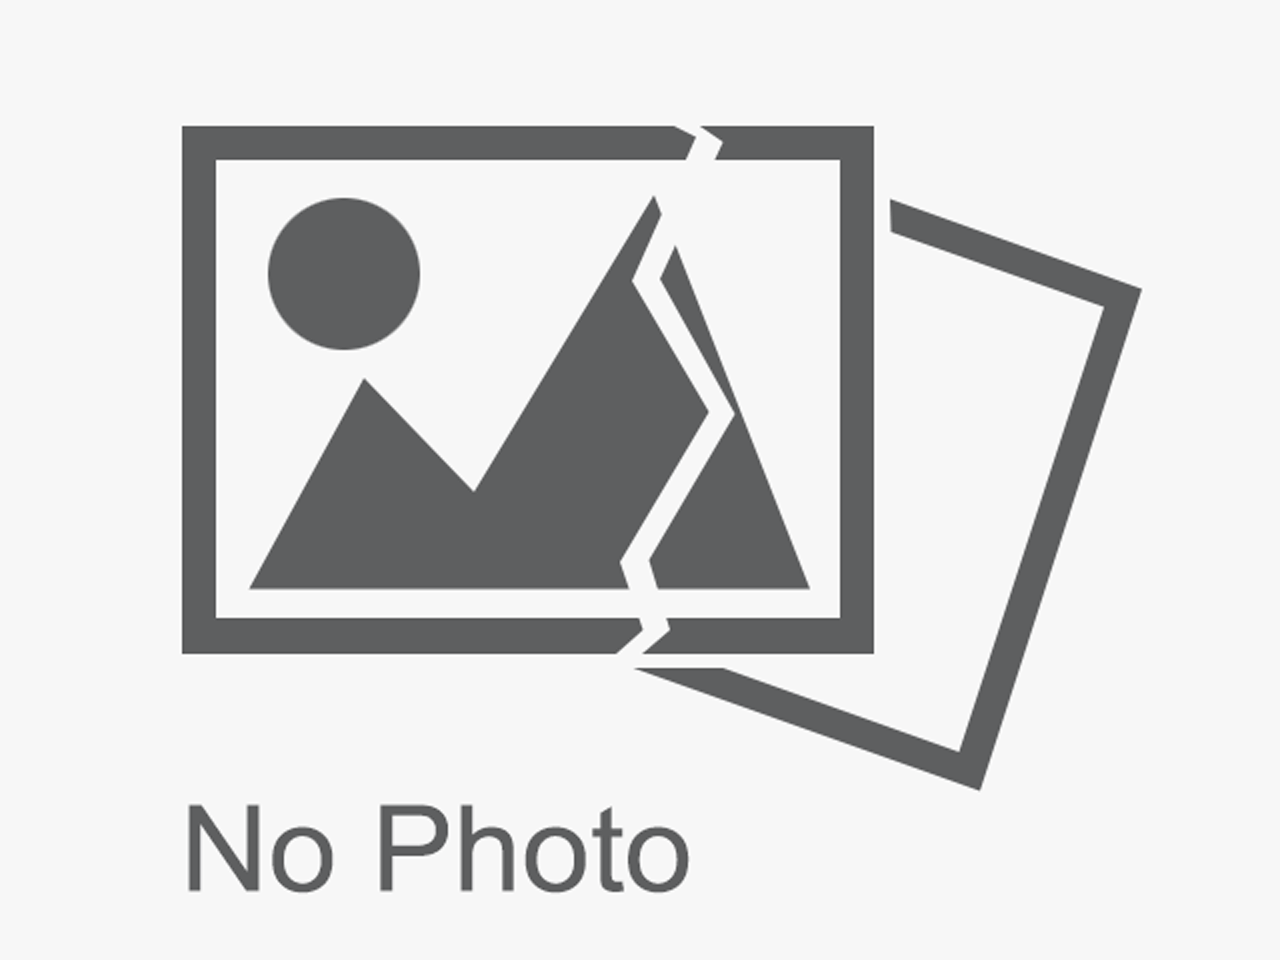 Használt 1Z0821162R Bal sárvédő oldaltartó Alkatrész